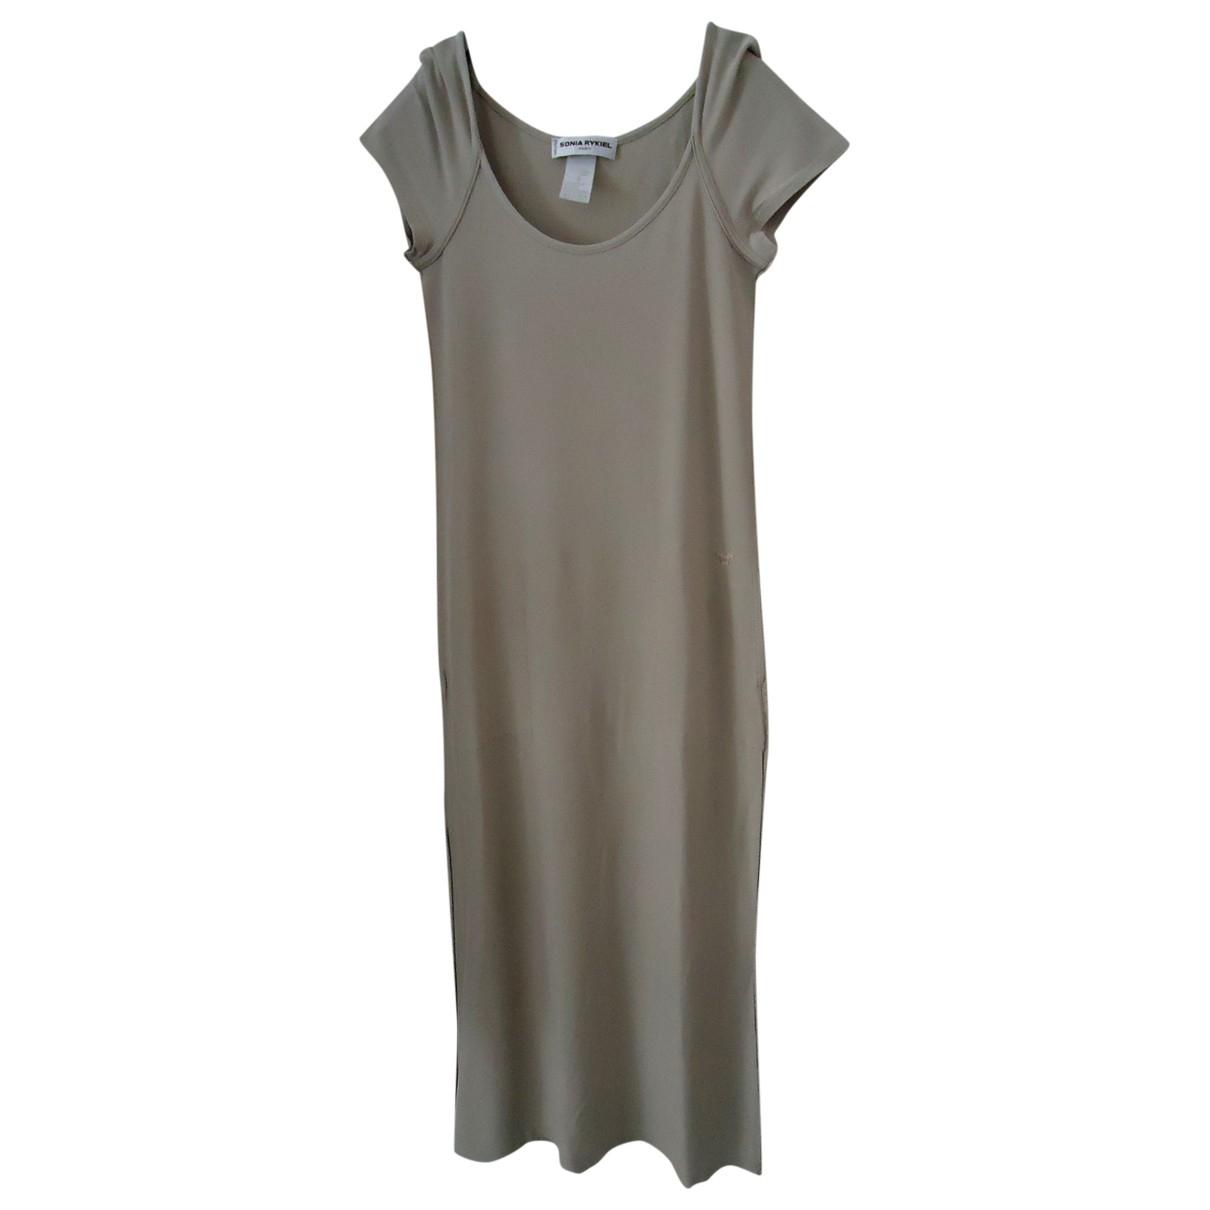 Sonia Rykiel \N Beige Cotton dress for Women 36 FR